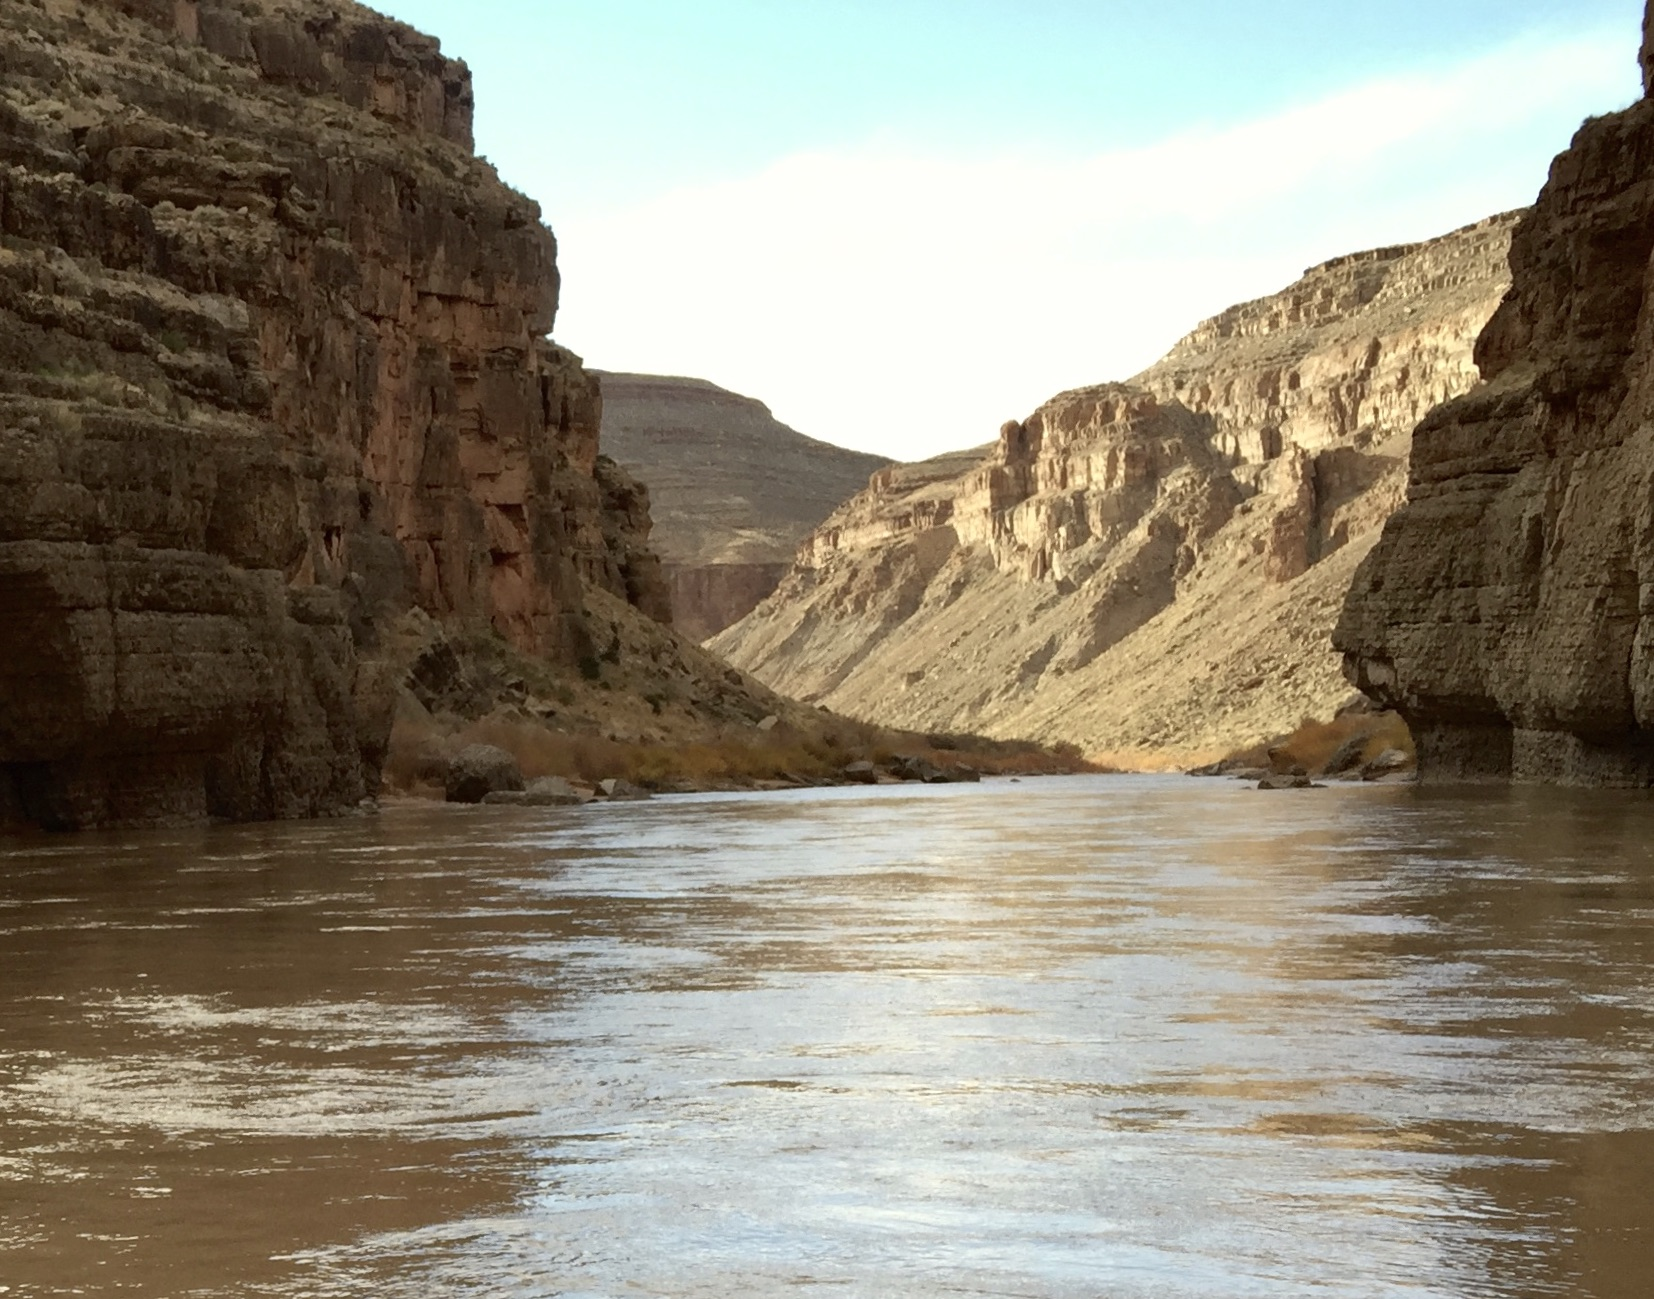 Navajo water photo 3